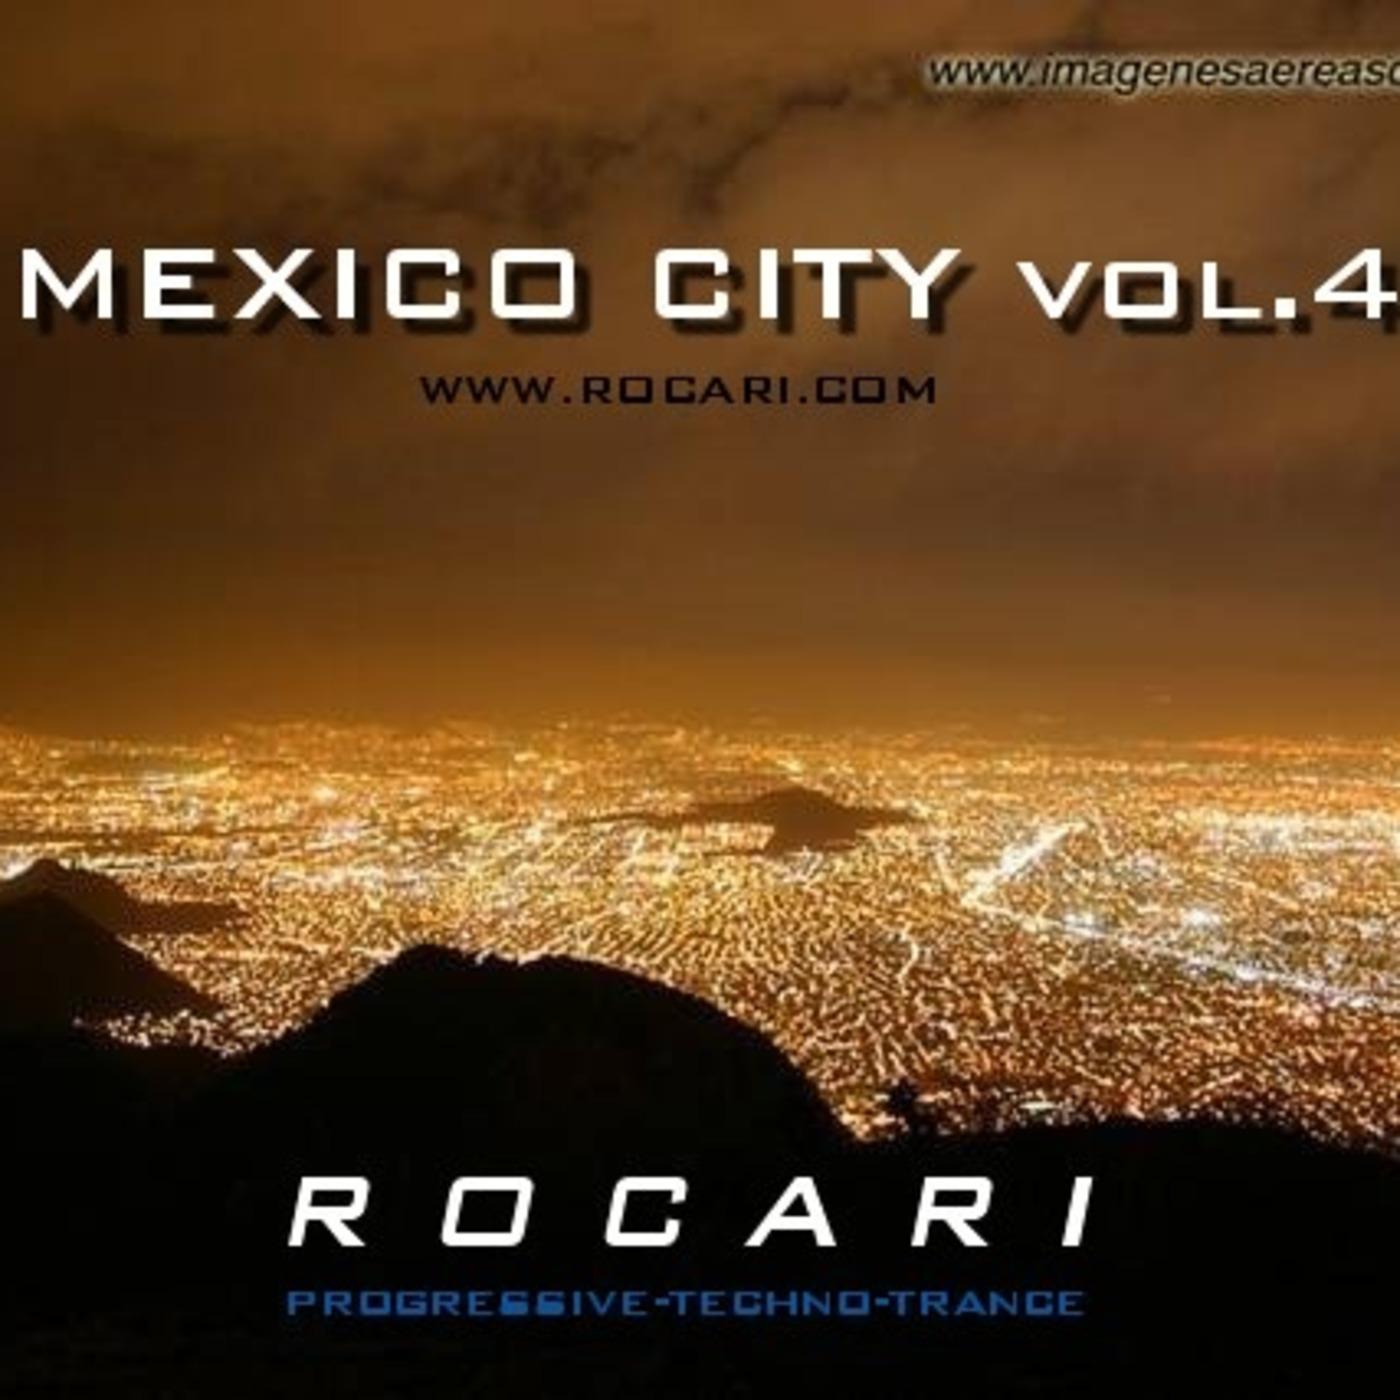 Mexico City vol 4 (progressive-trance + techno-trance)